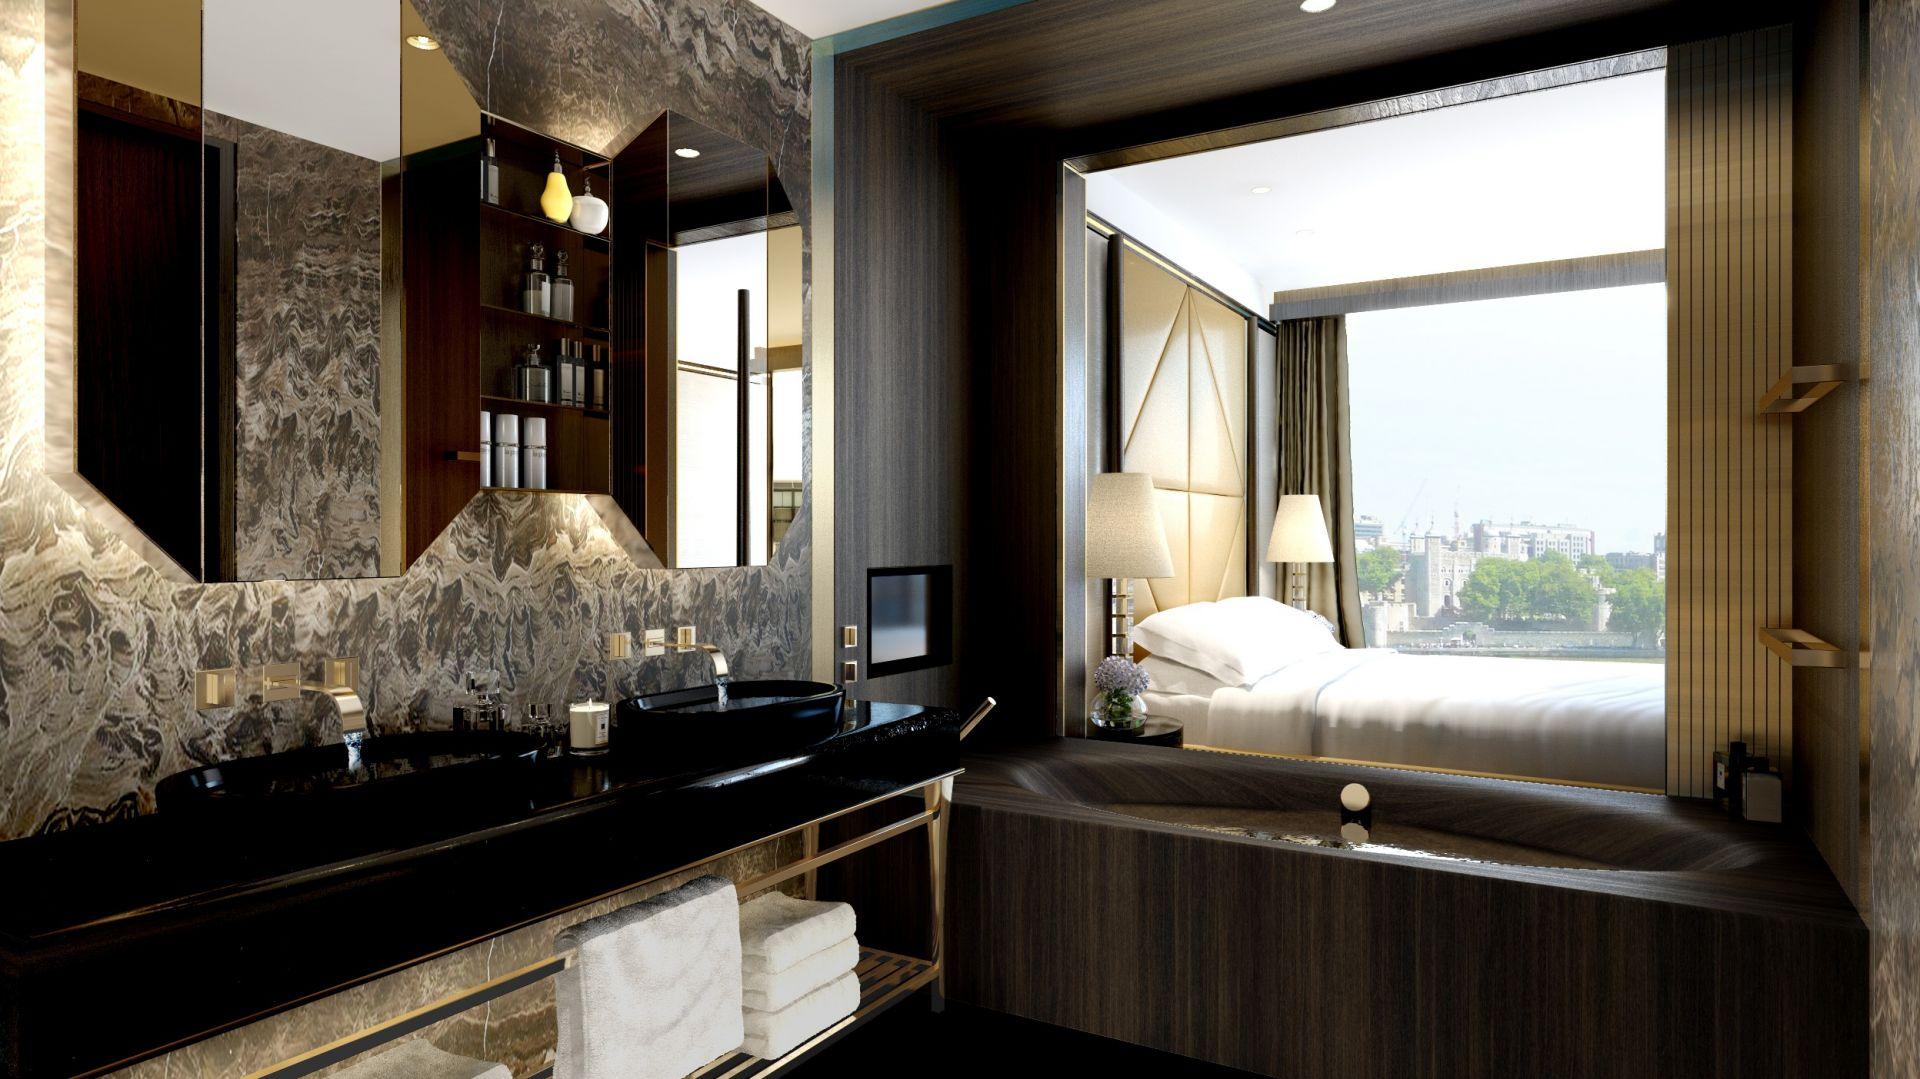 Wielką zaletą części apartamentów są oszałamiające widoki - na Tamizę i centrum Londynu. W tej łazience wykorzystano drewno habanowe.